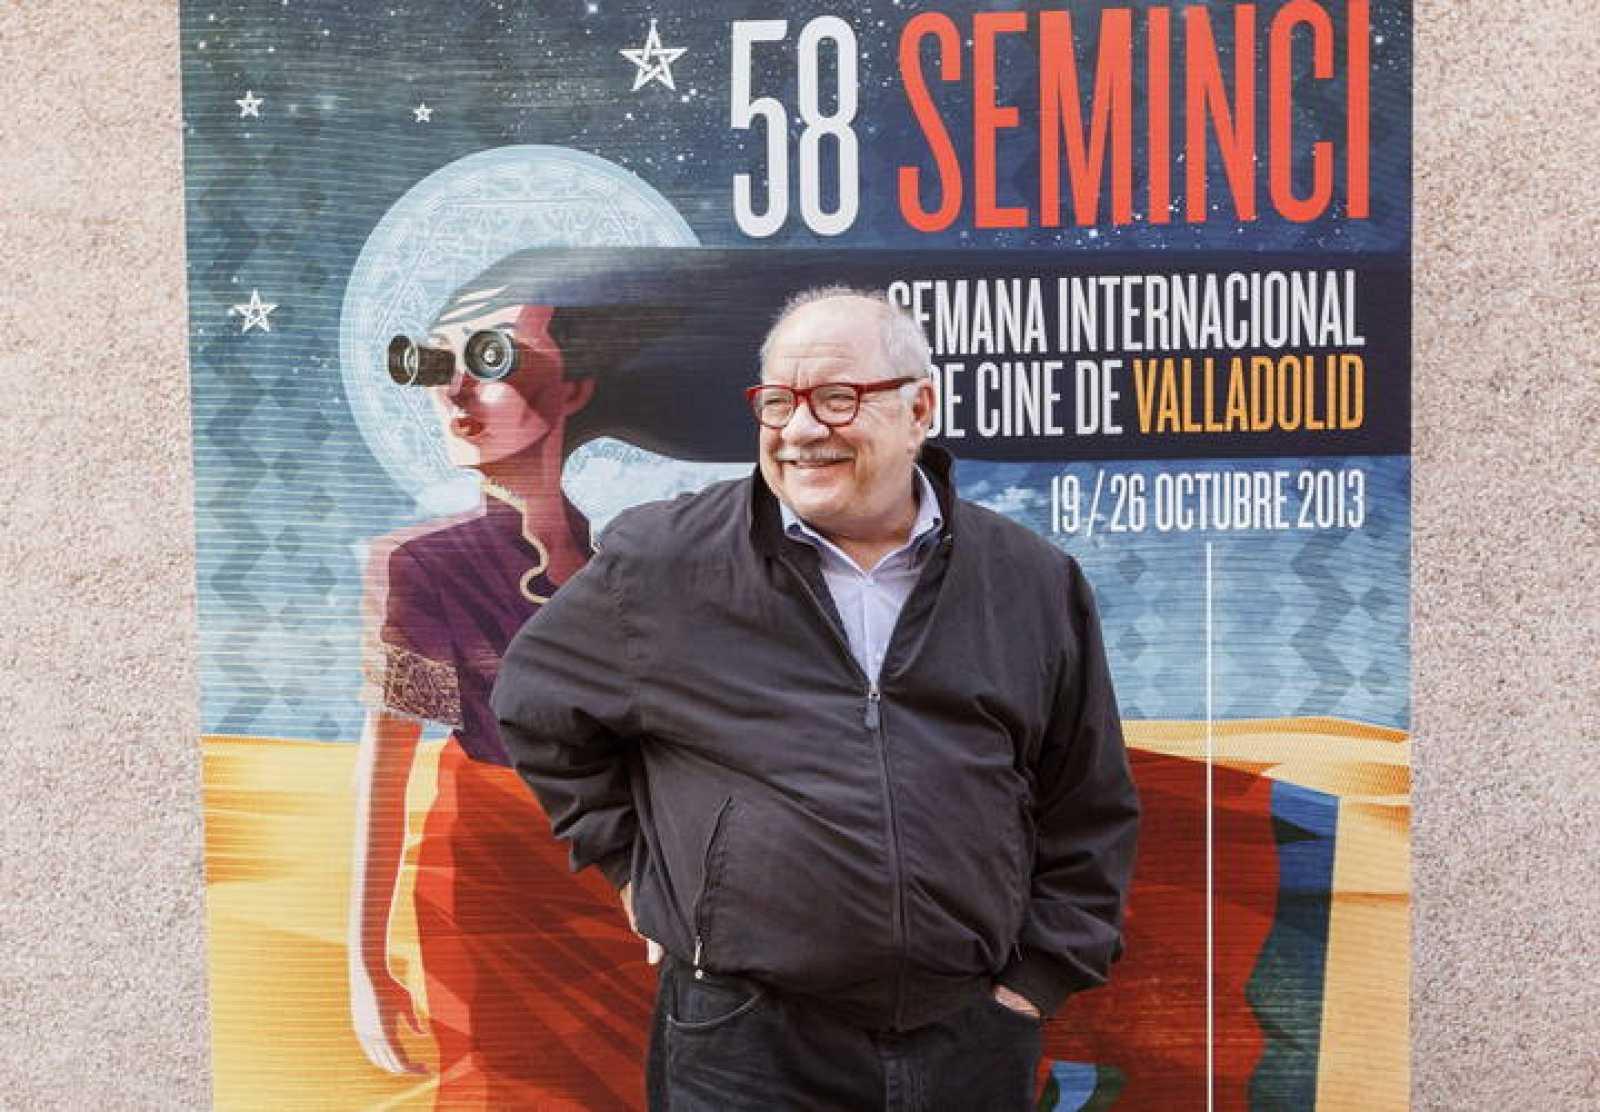 Actriz Porno Valladolid Española paul schrader, profeta del apocalipsis del cine en las salas